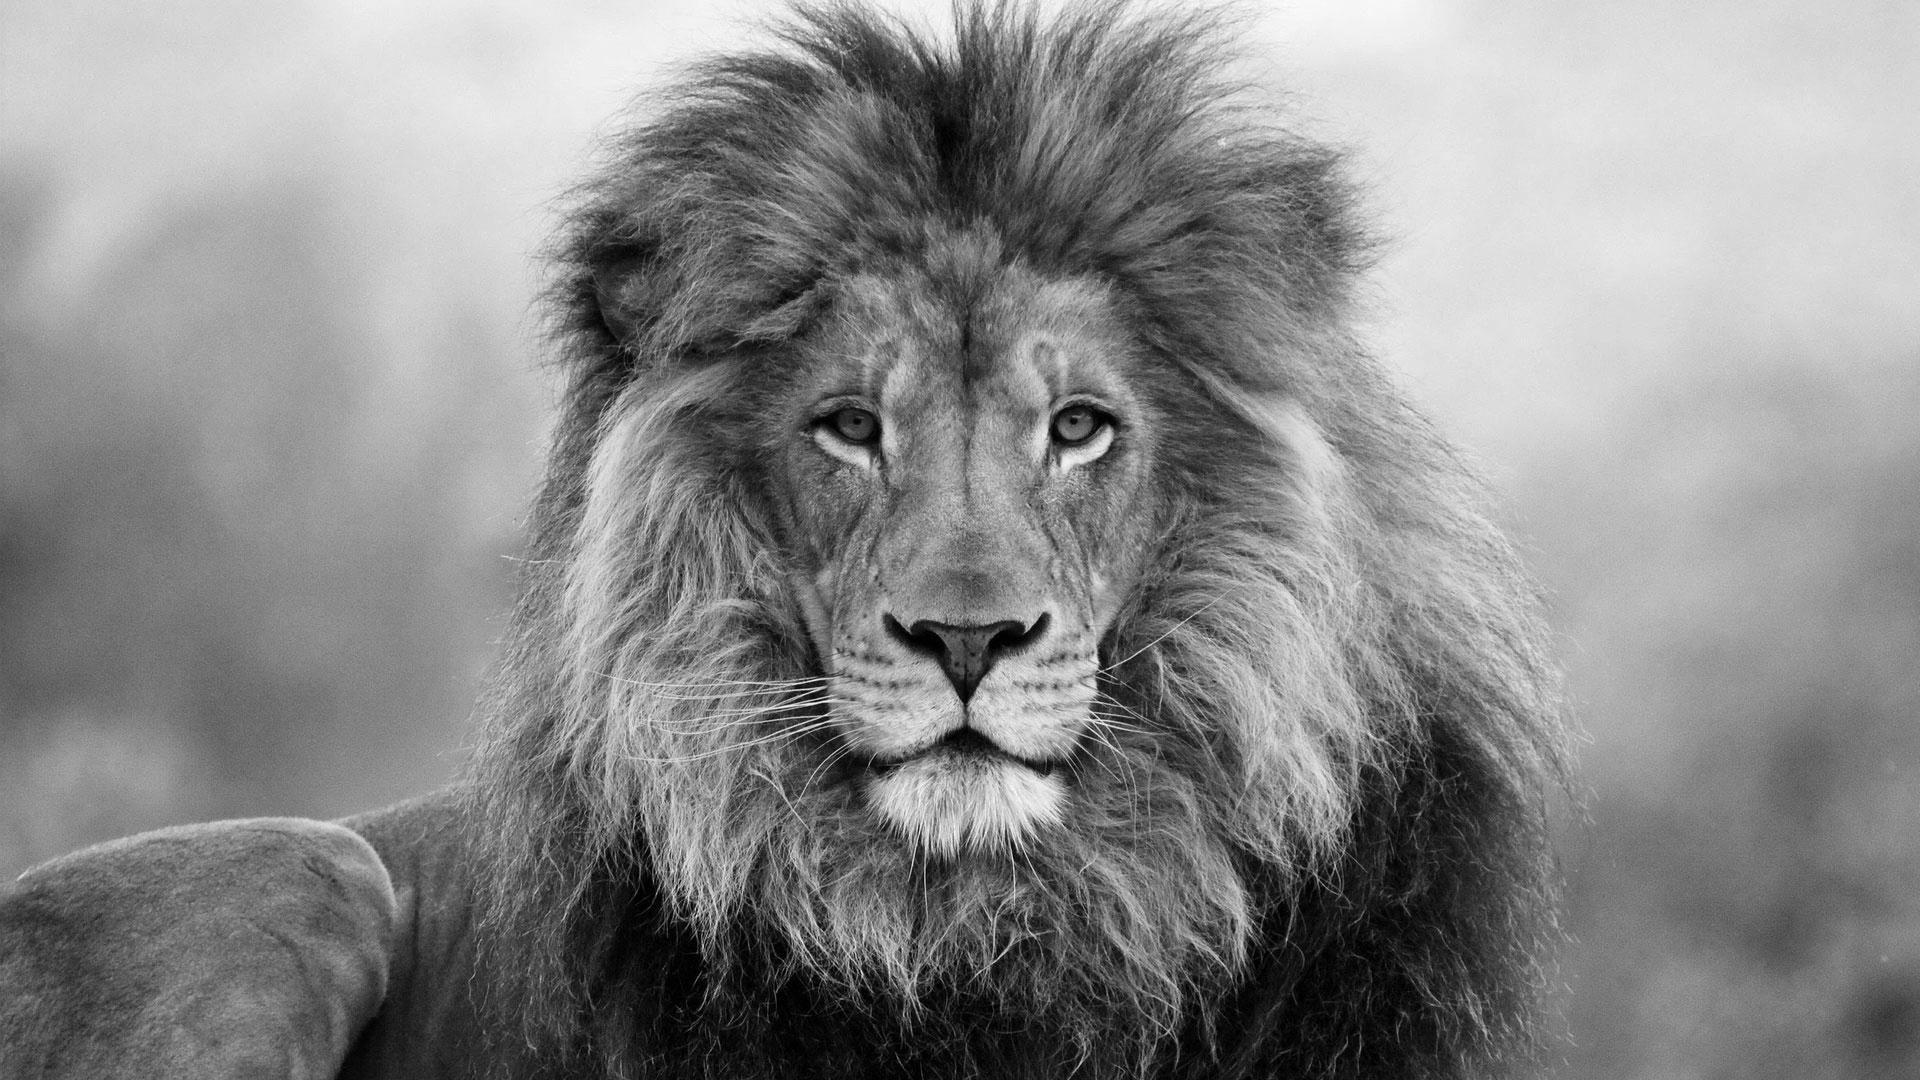 lion face flash Google Search Lion pictures, Lion